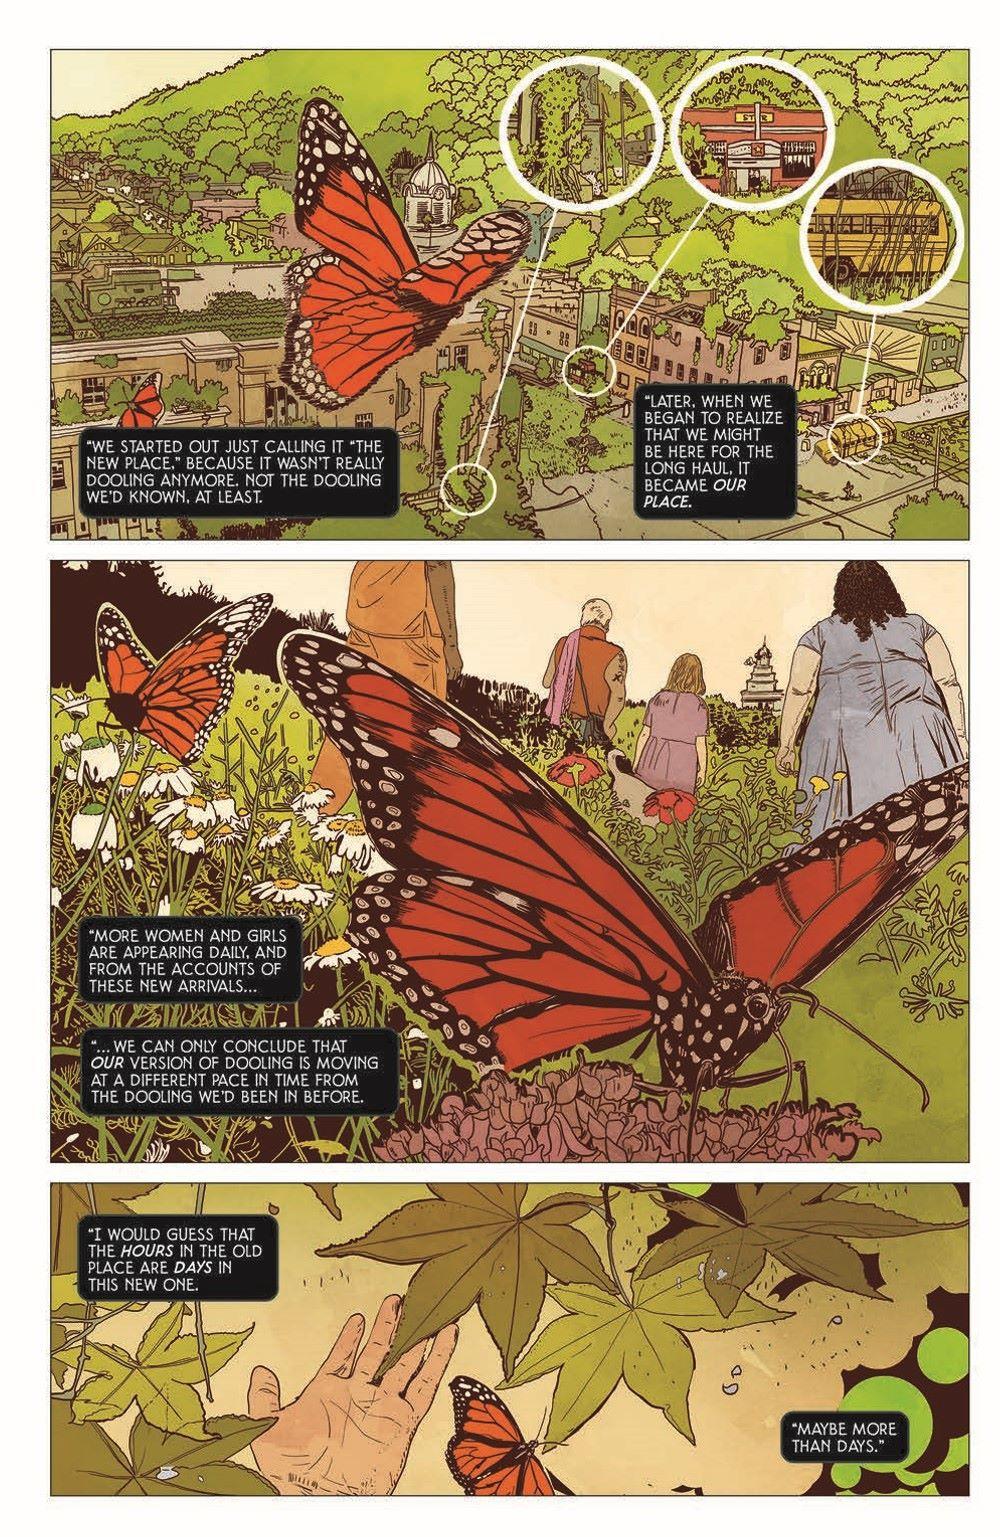 SleepingBeauties_06_pr-3 ComicList Previews: SLEEPING BEAUTIES #6 (OF 10)